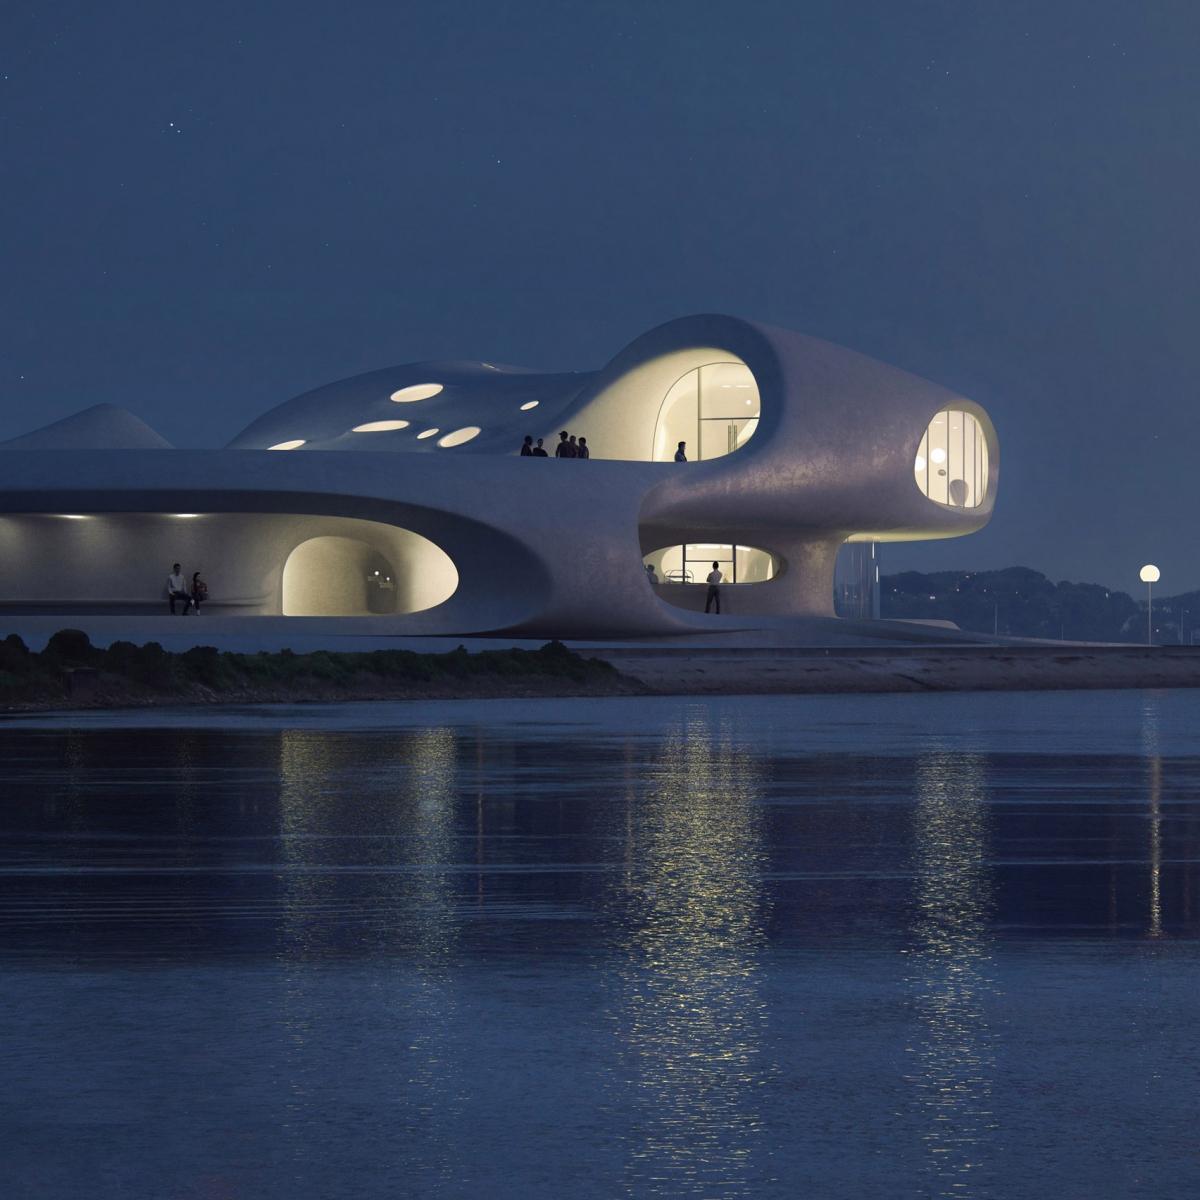 Công trình đáng được nhắc đến đầu tiên trong năm 2021 phải kể đến là Thư viện Wormhole tại đảo Hải Nam, Trung Quốc, do đơn vị thiết kế MAD thực hiện. Công trình sử dụng bê tông trắng với những vòng tròn lớn ấn tượng khiến du khách cảm thấy như đang ở một chiều không gian khác.